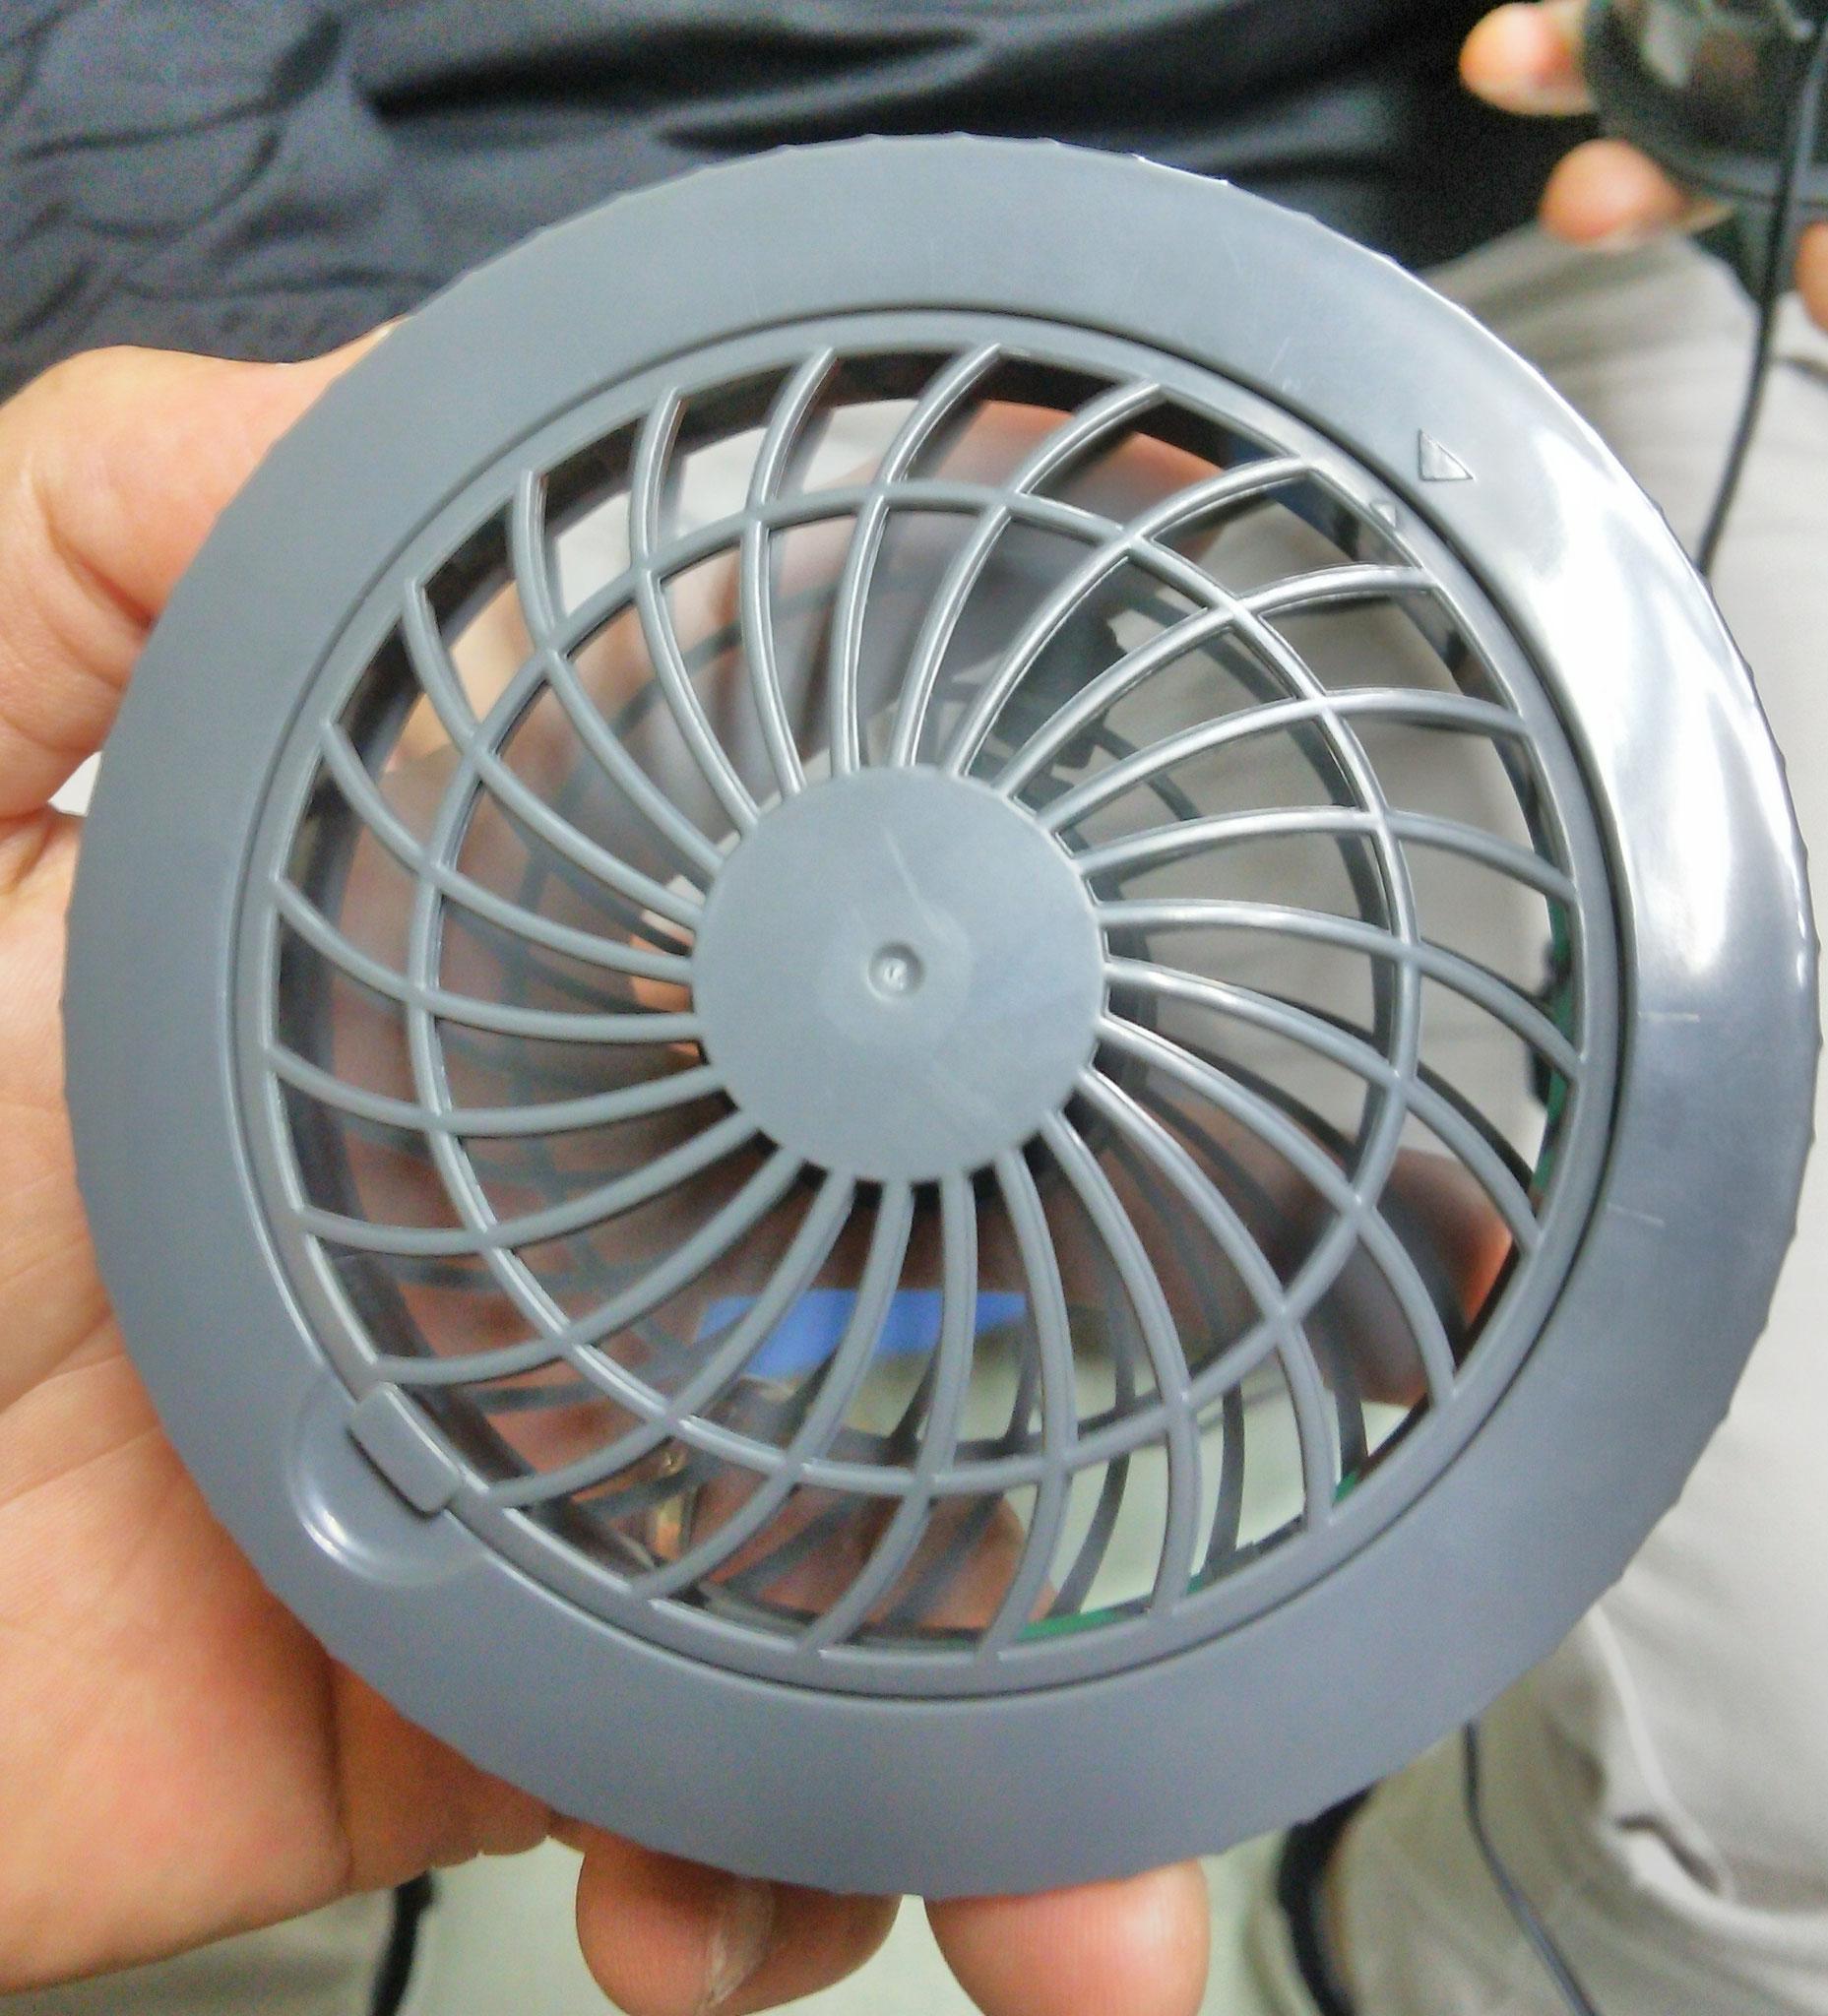 SK-7 ファンセット ¥3,990(税込)外側はこんな感じです。しっかりと風を引き込みます。